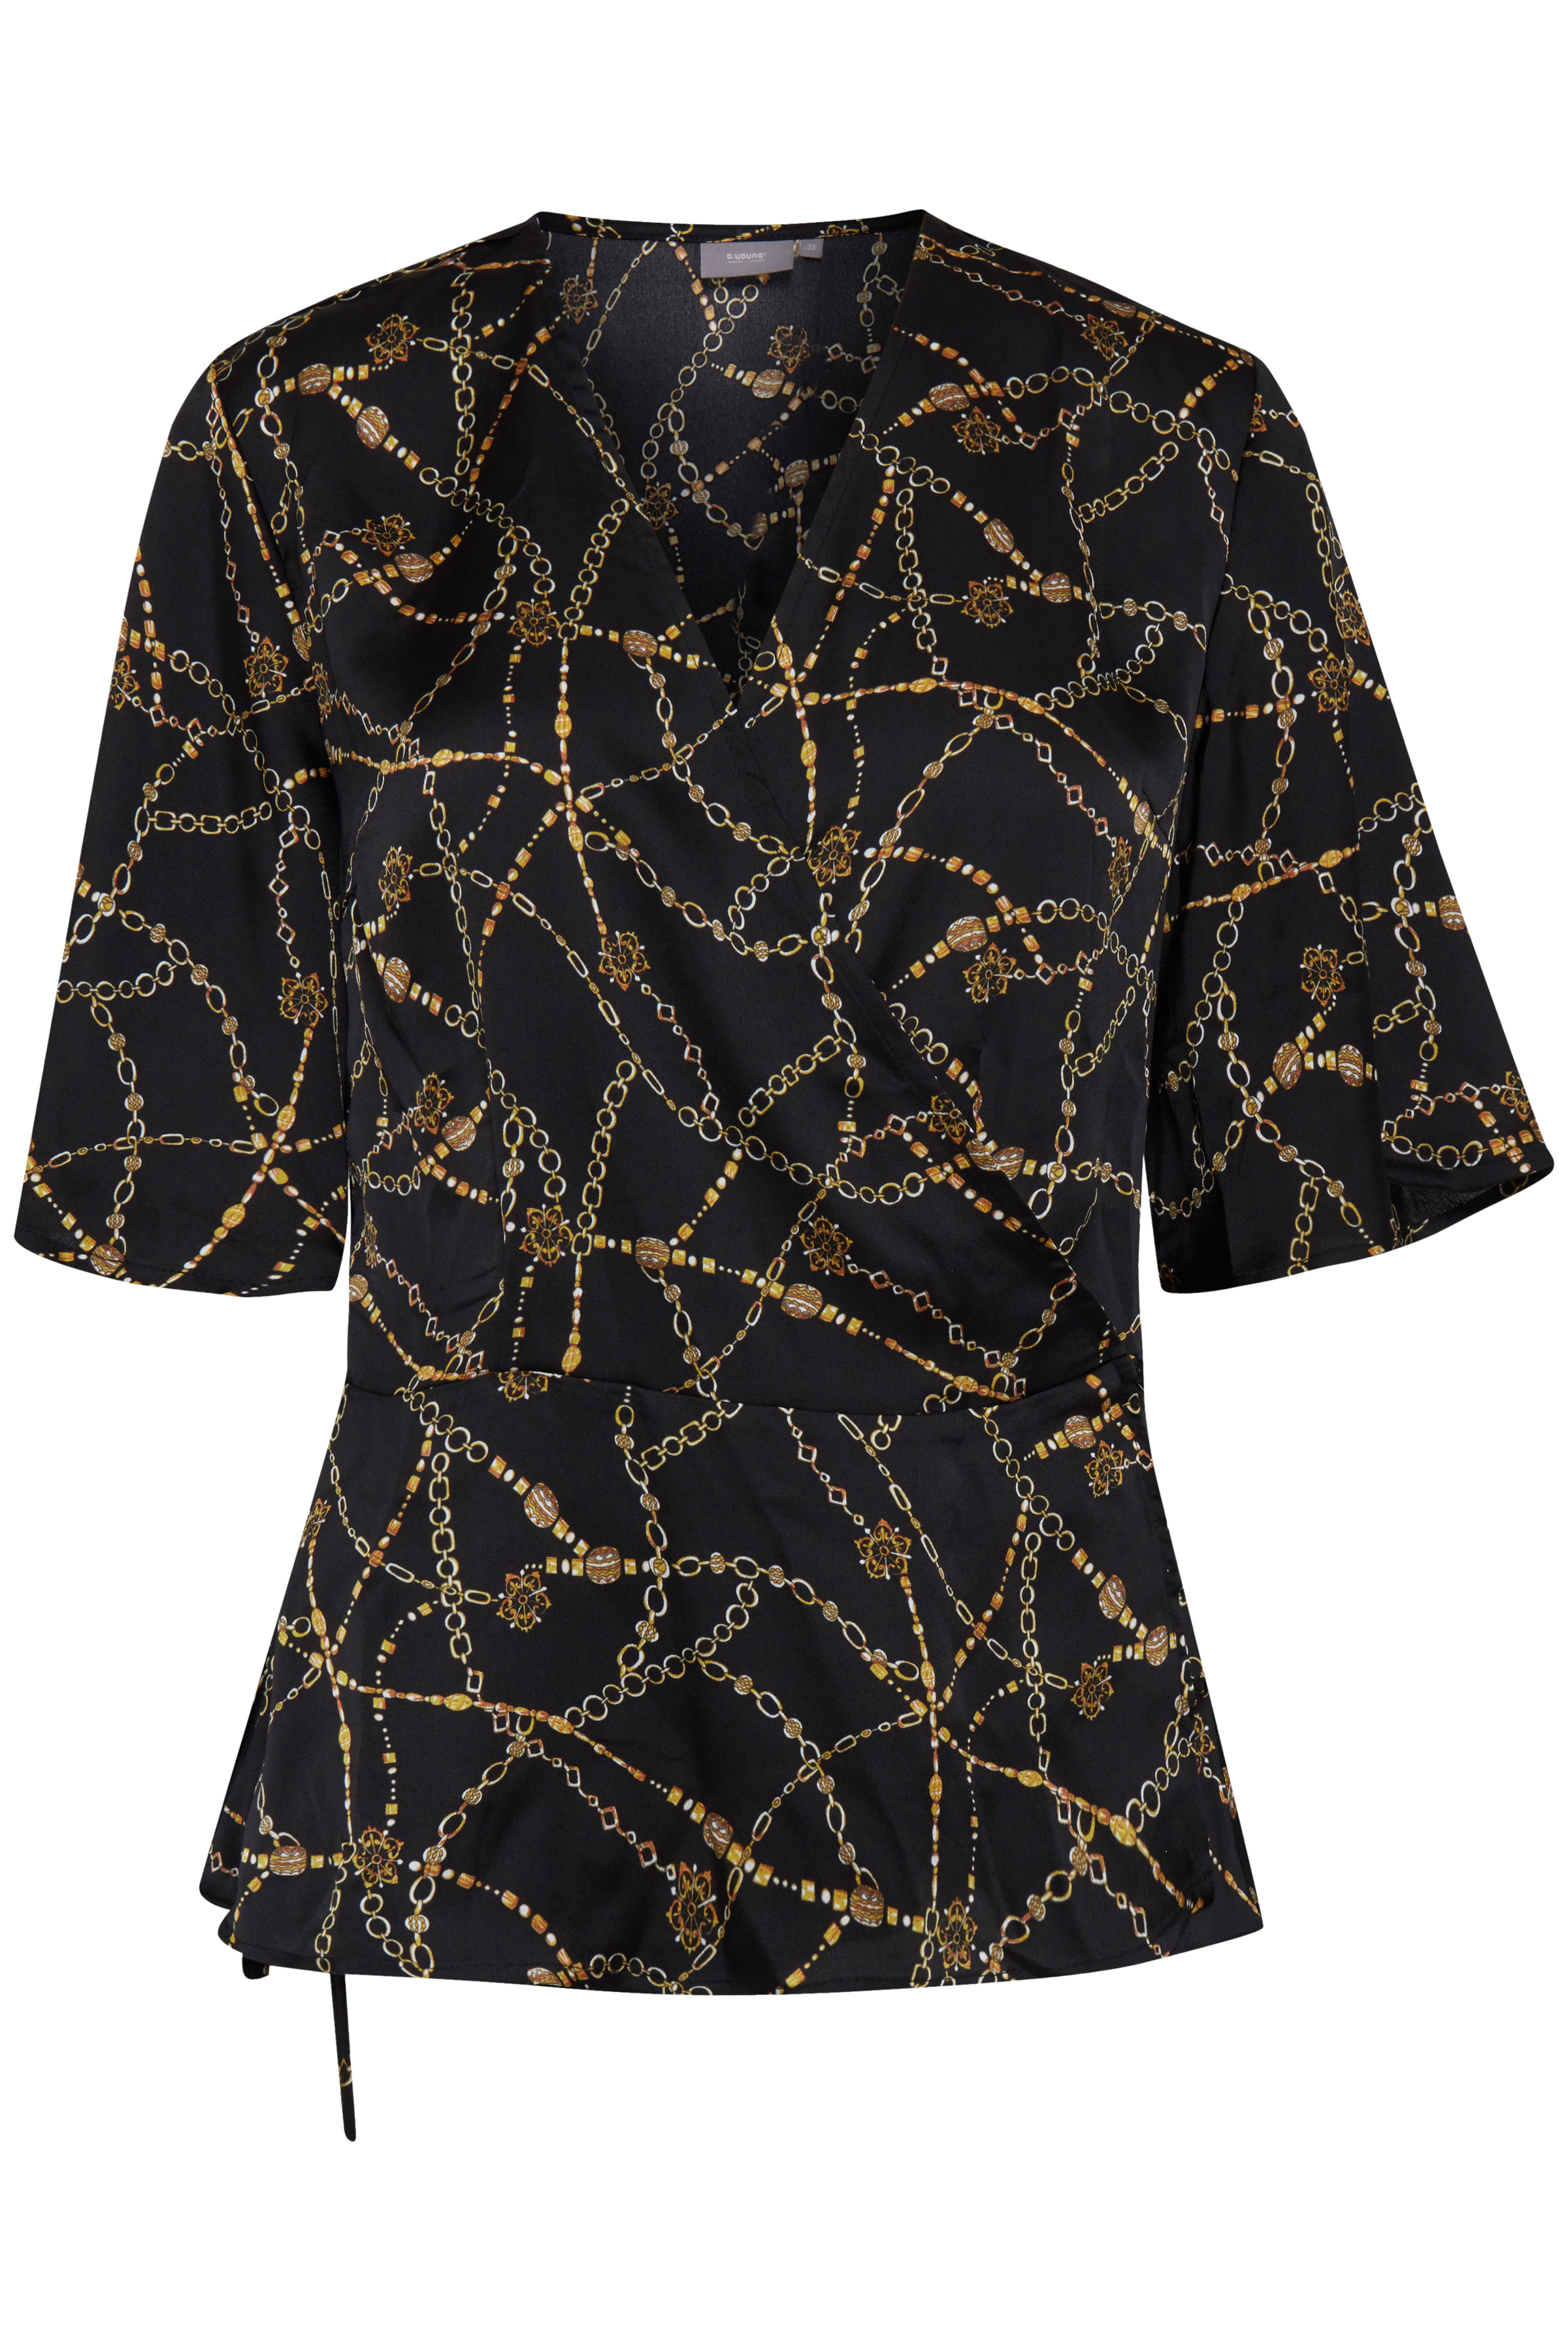 Black combi 1 Kurzarm-Bluse von b.young – Kaufen Sie Black combi 1 Kurzarm-Bluse aus Größe 34-44 hier